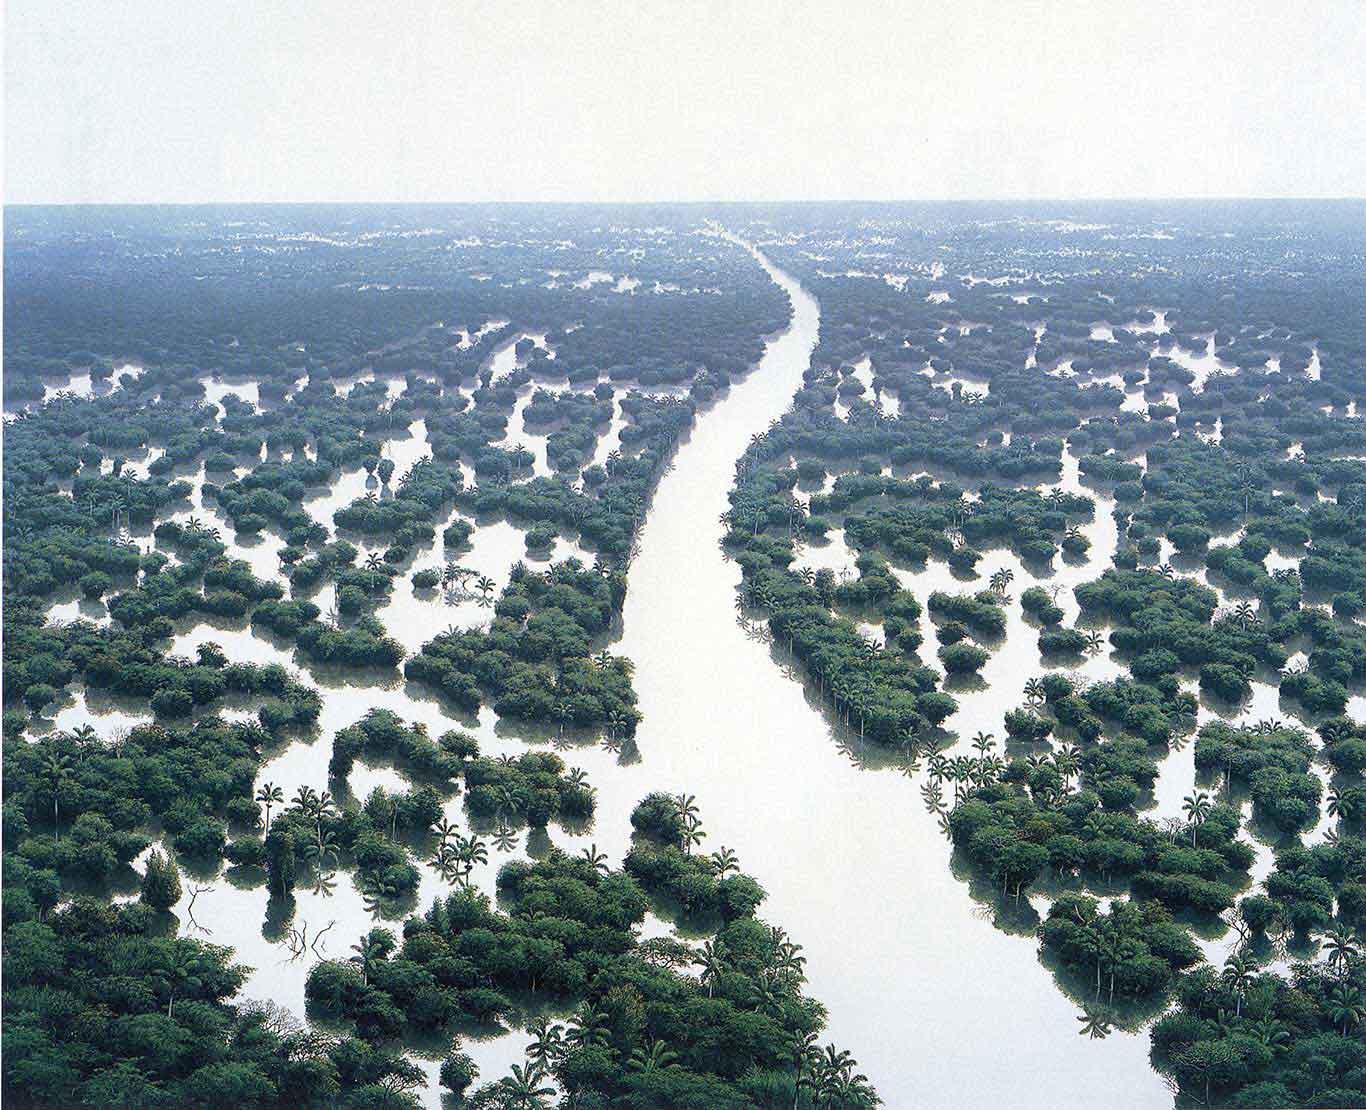 Tomás Sánchez Inundacion de Rio de Aguas Blancas, 1998